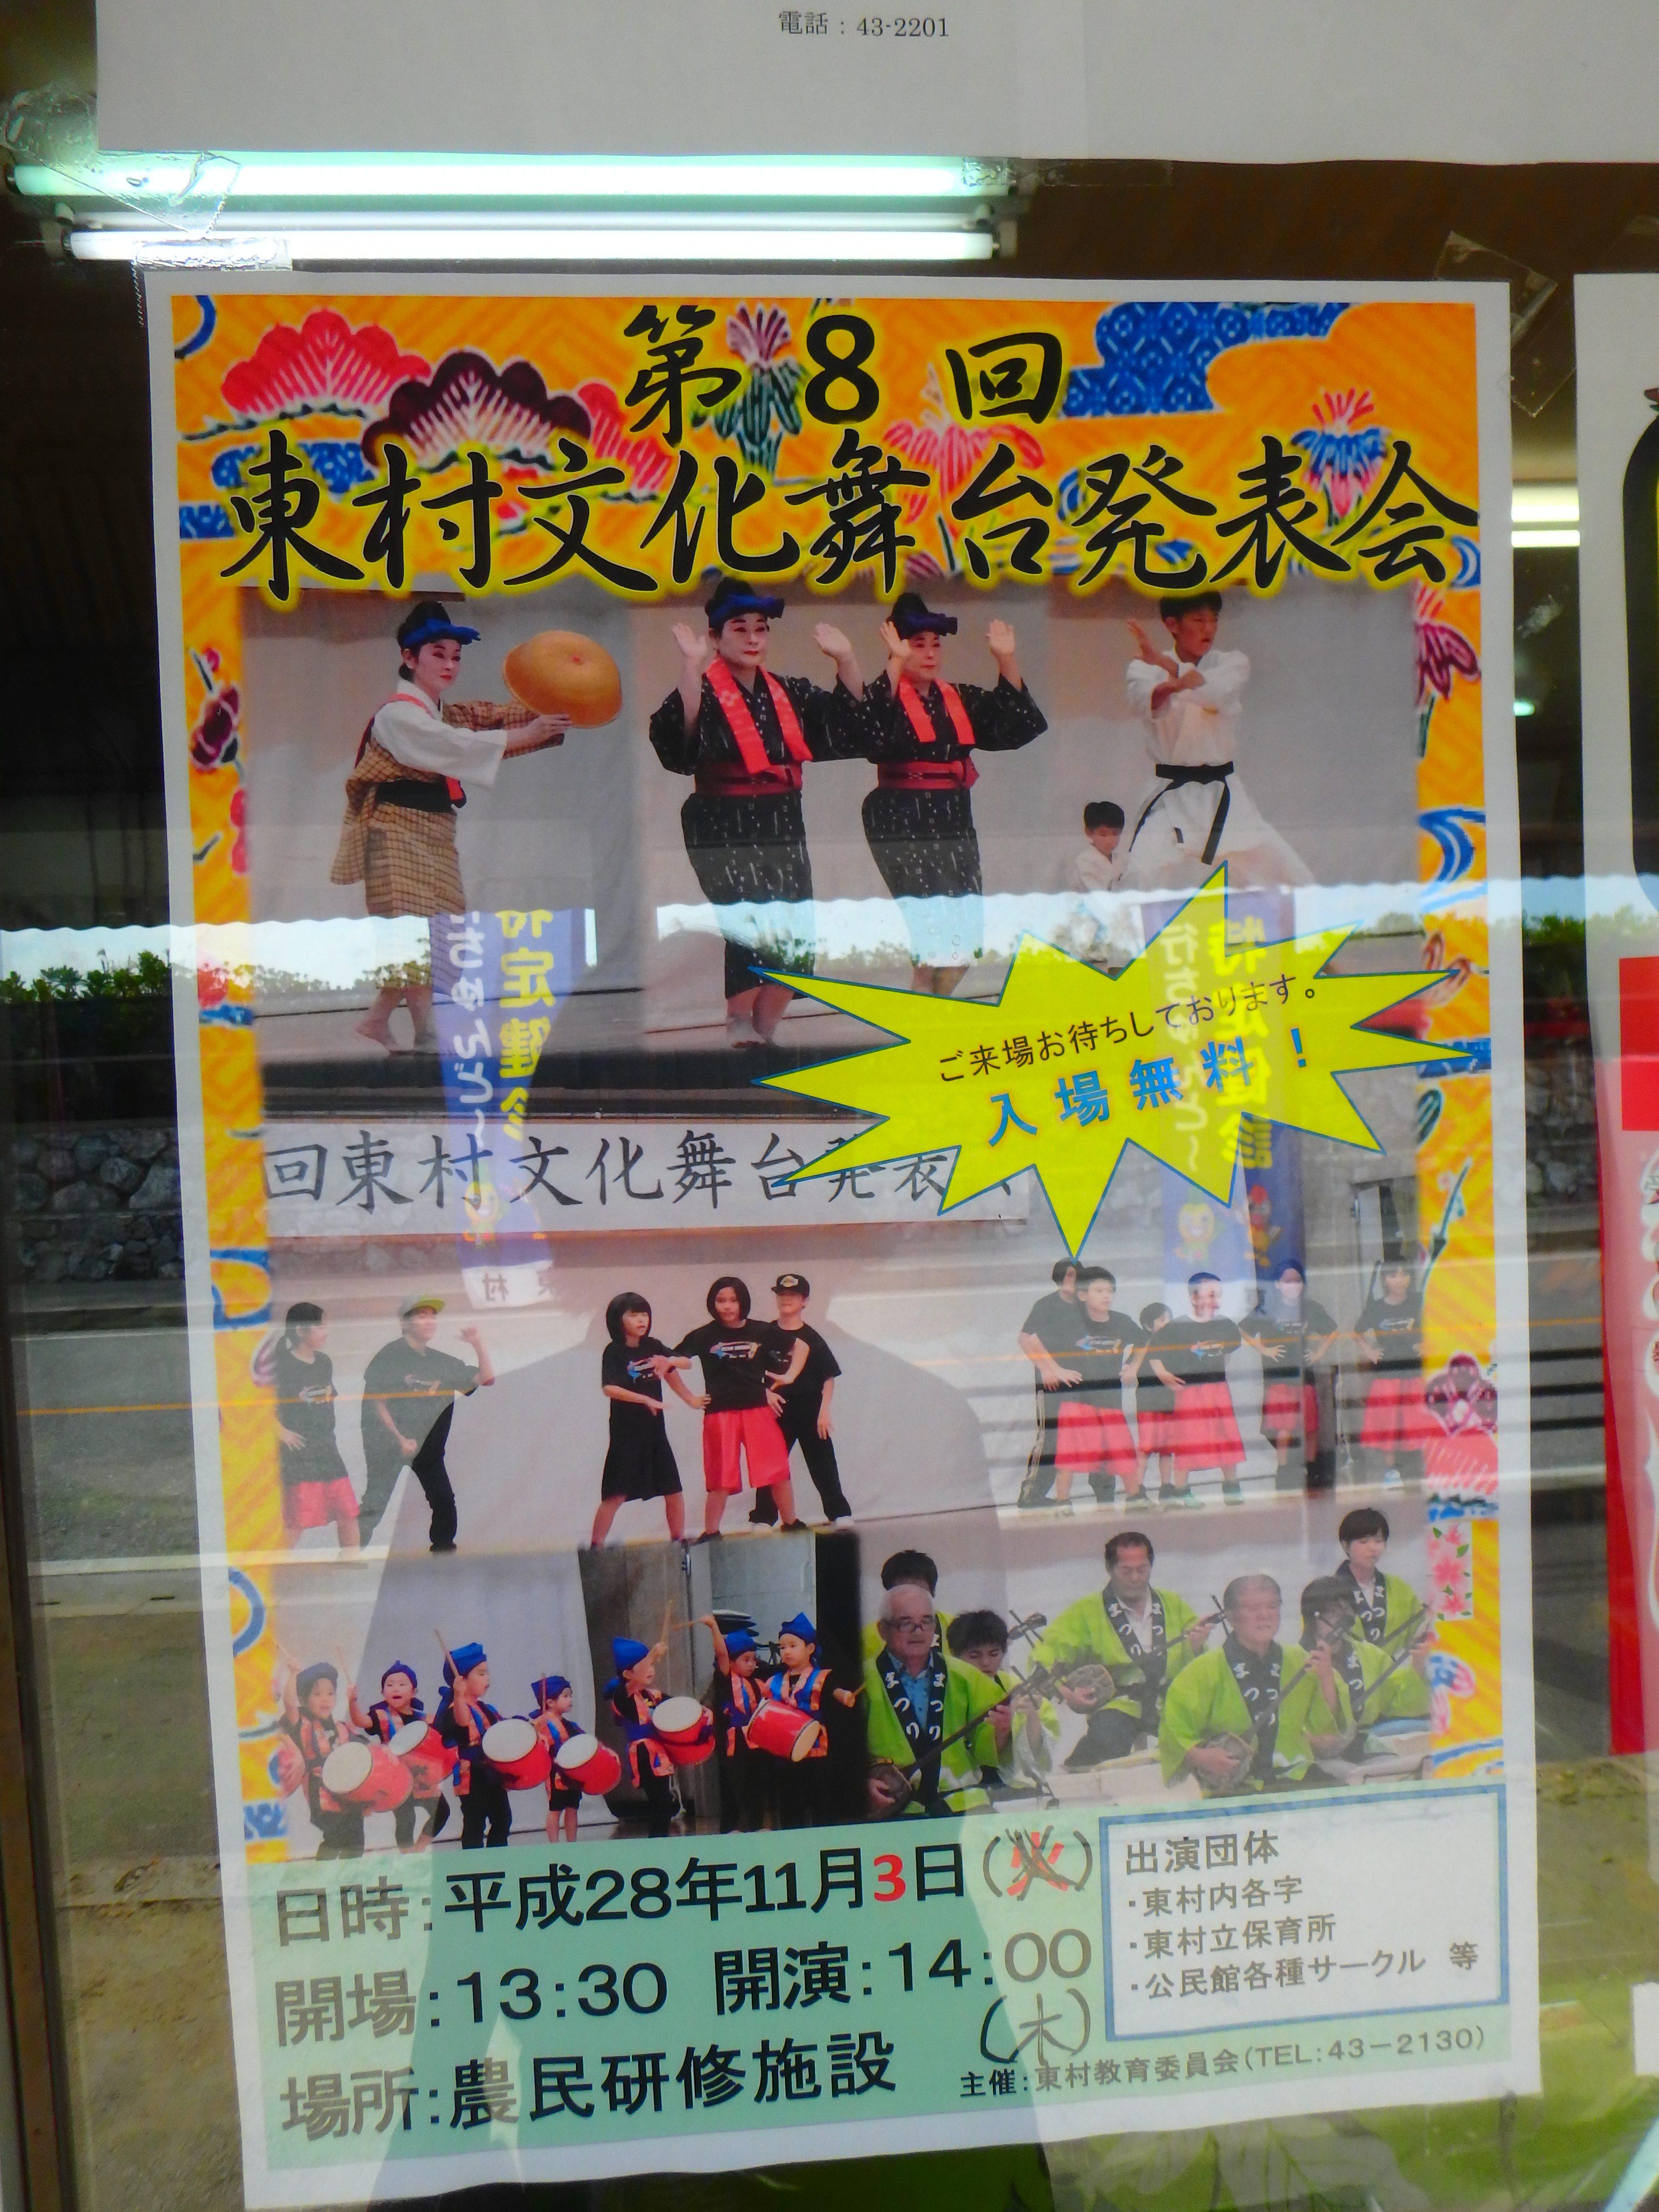 東村文化発表会!頑張ってきましたぁ~(*^^*)